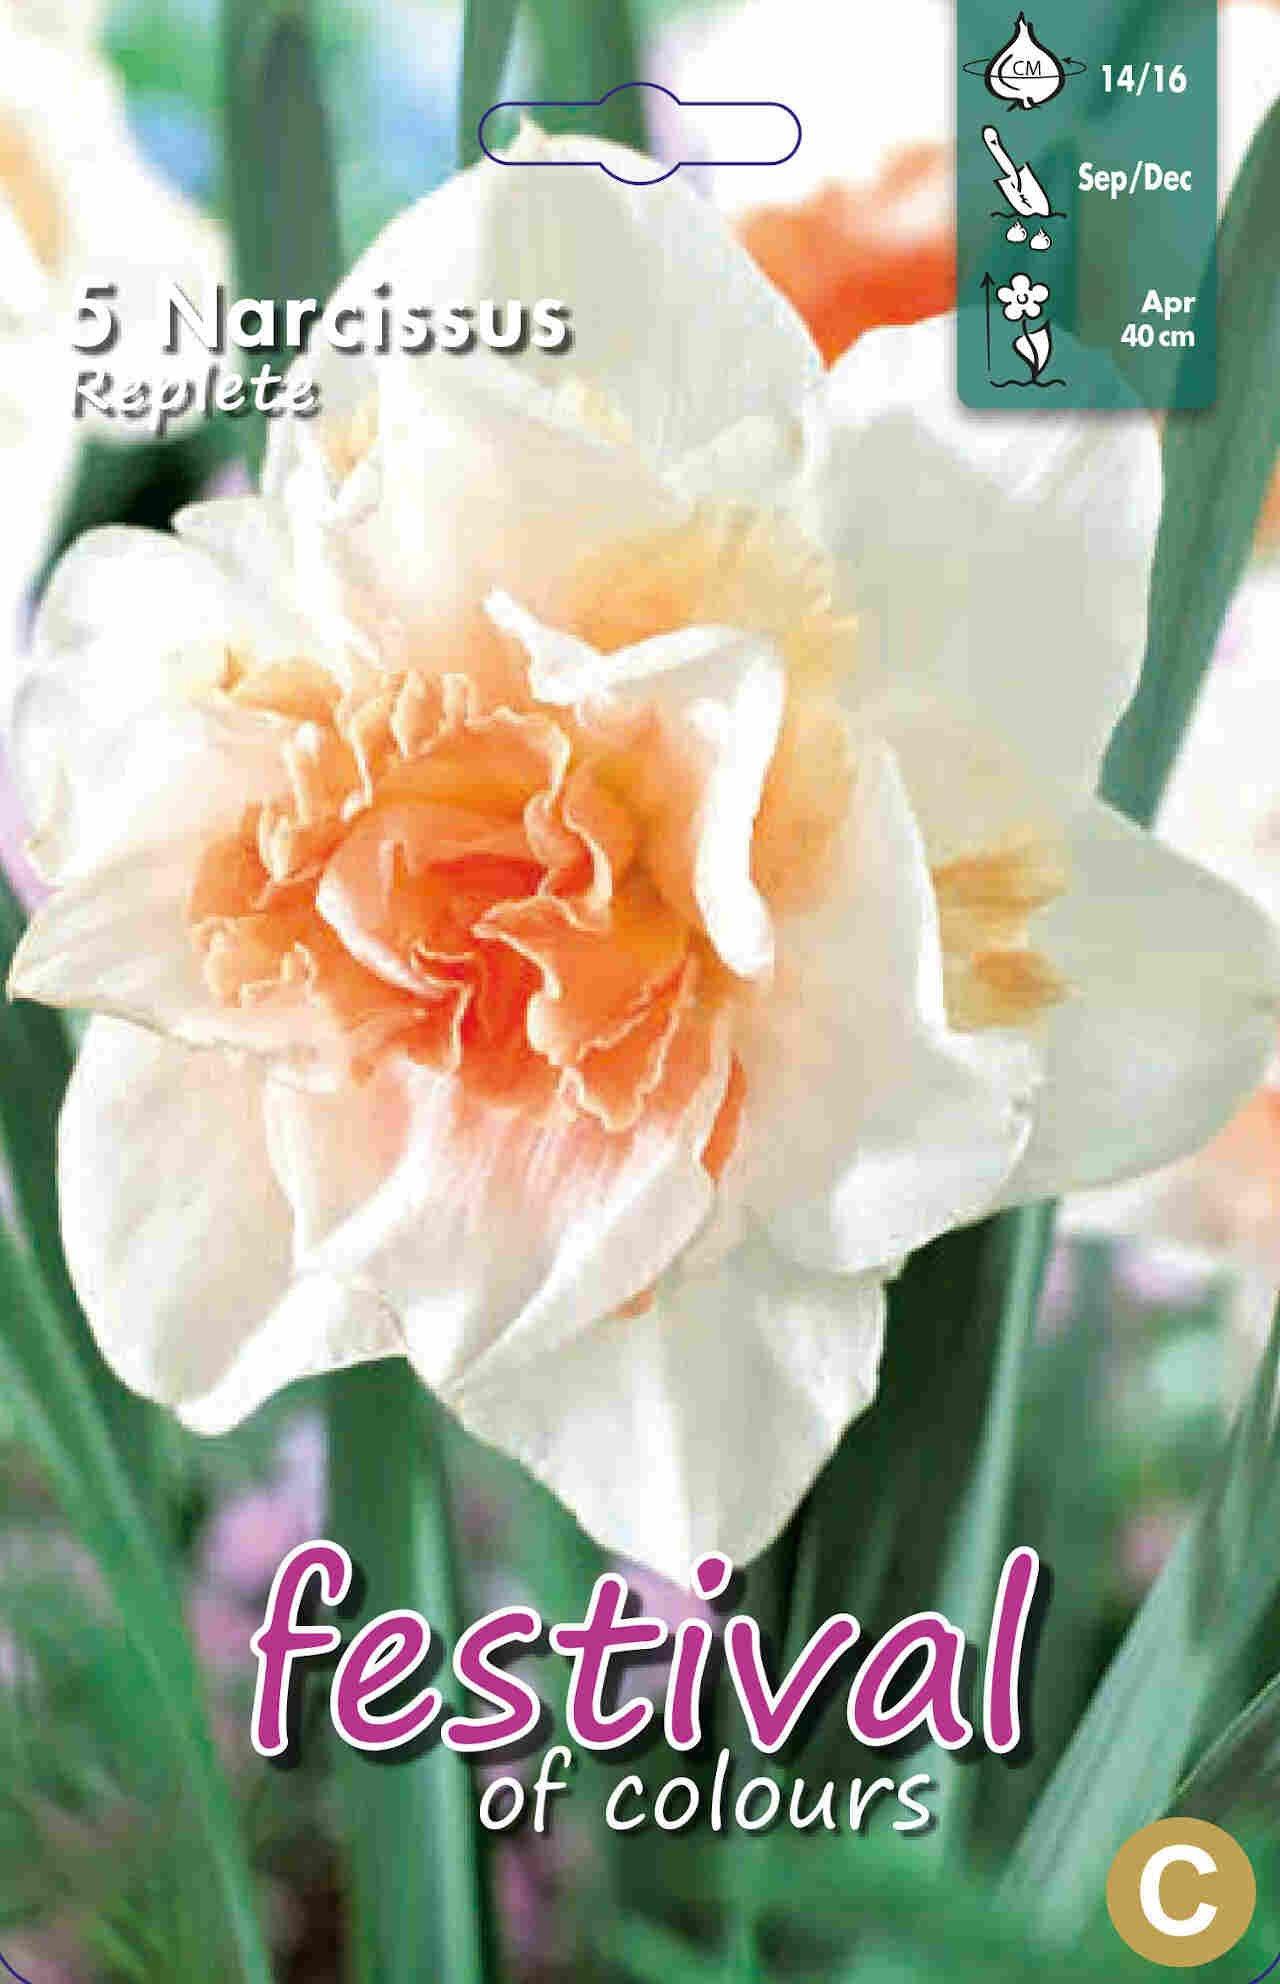 Påskeliljeløg - Narcissus Replete 14/16